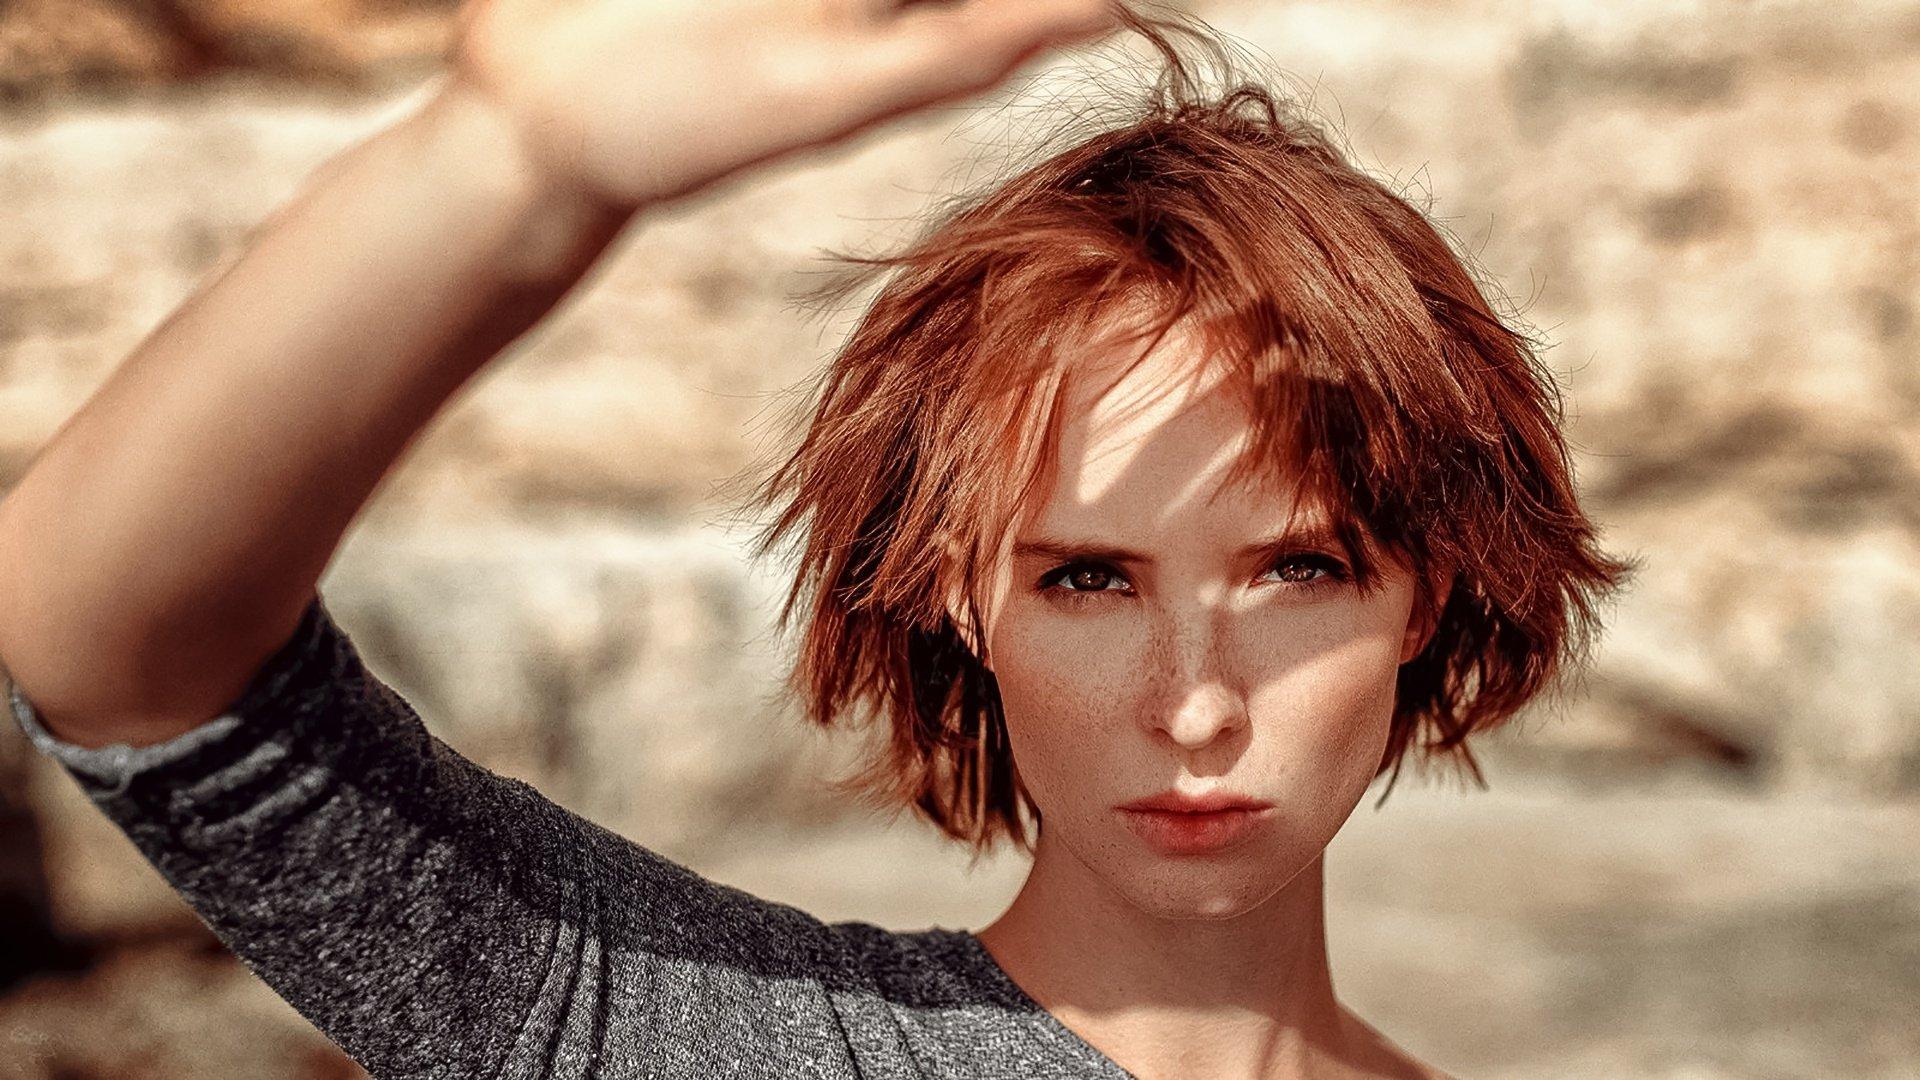 поселке фотосессия с короткими волосами красивые фото нашей статье можно